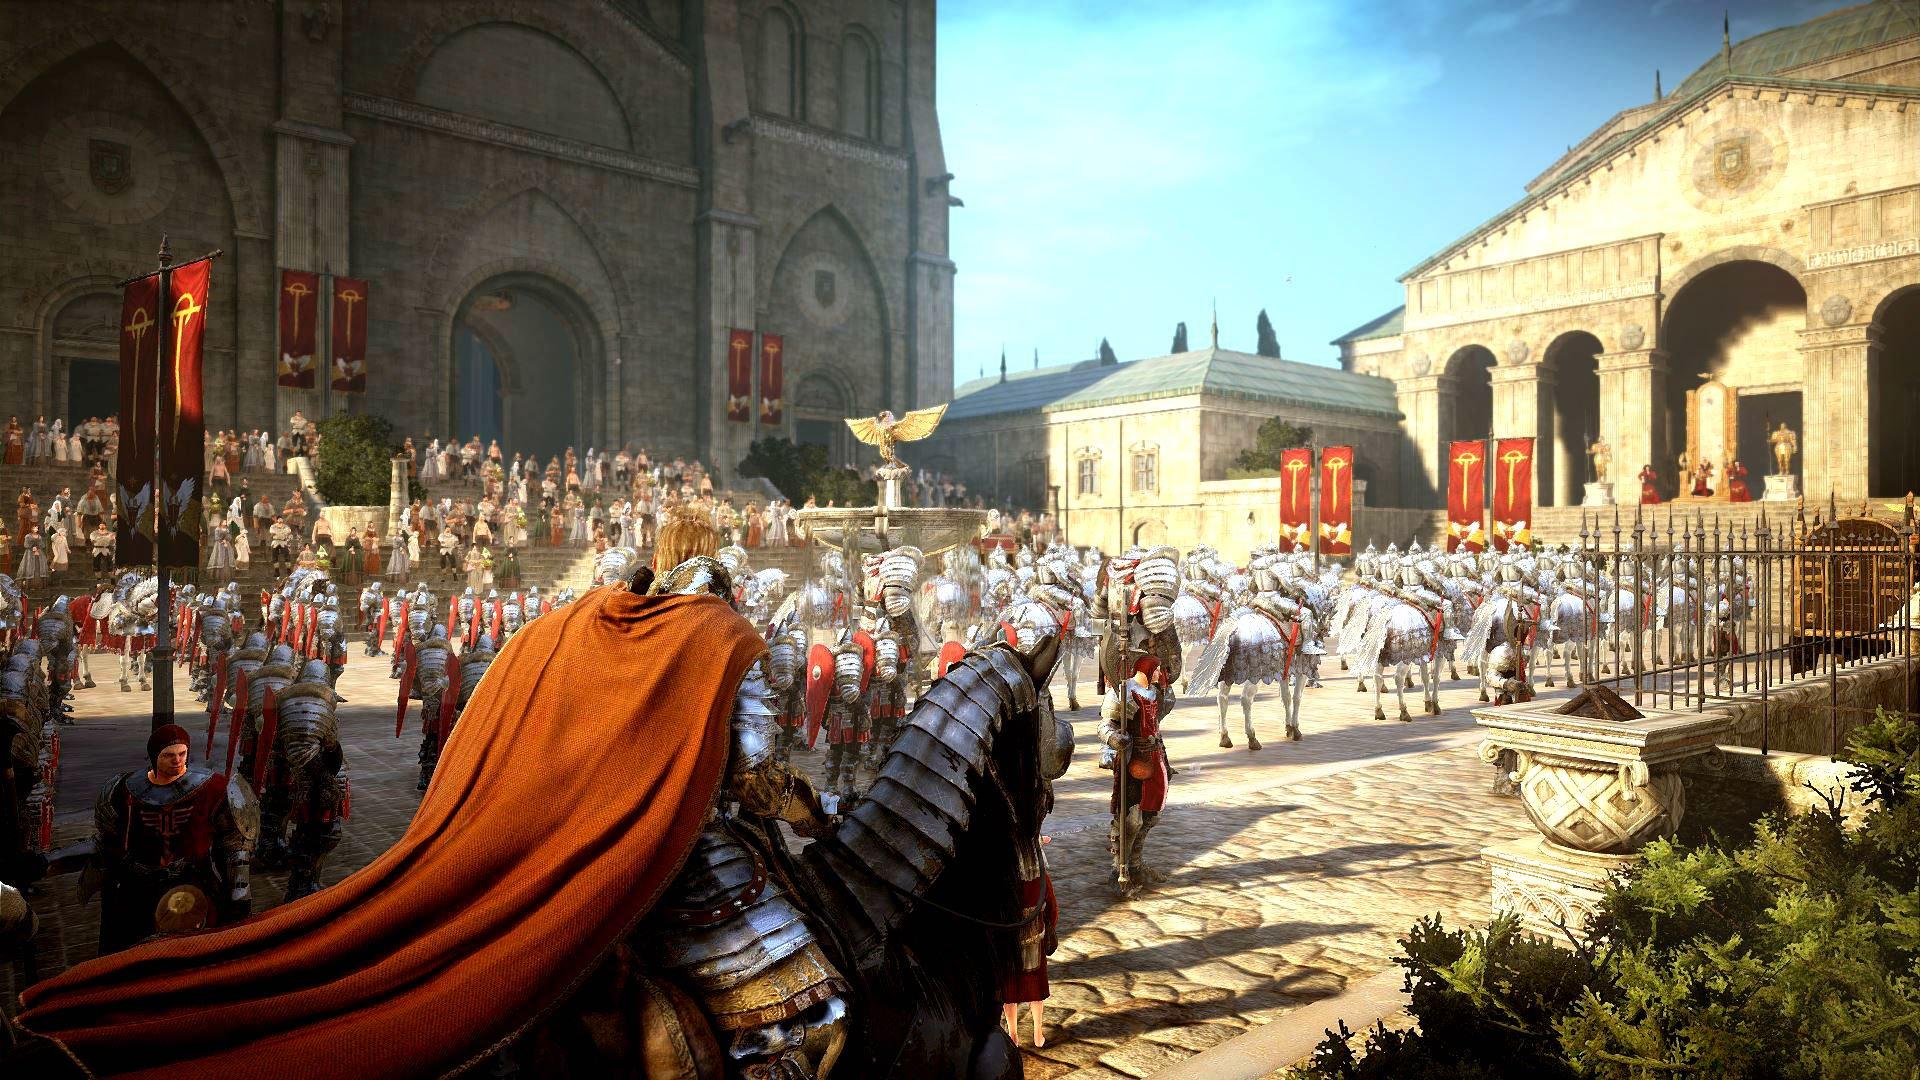 knight-warrior-army-black_desert_online-game-fantasy-1920x1080